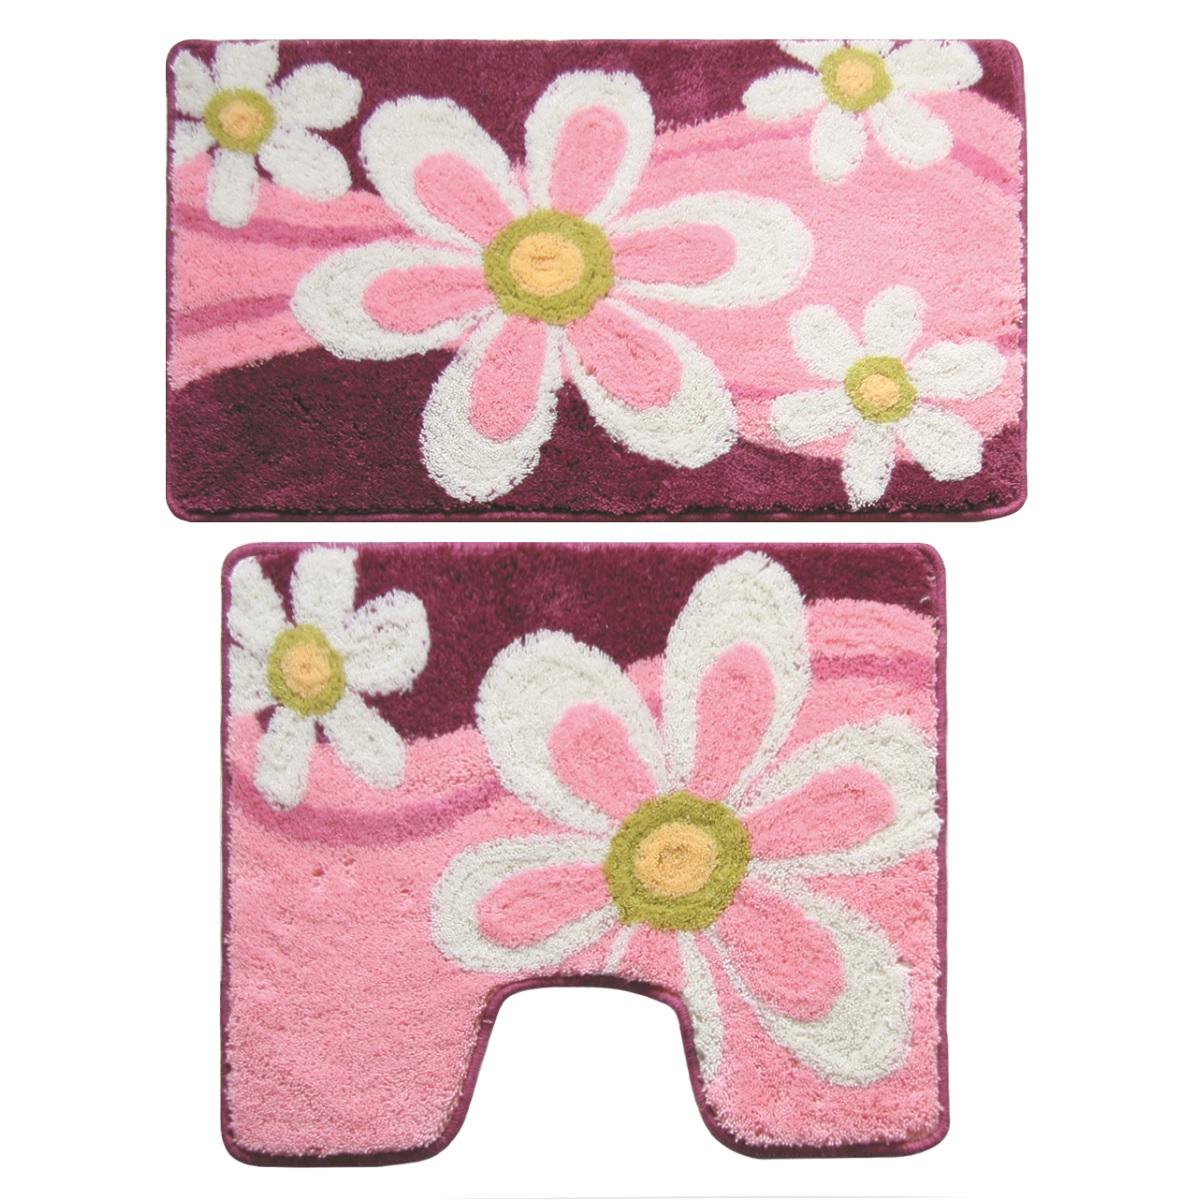 Комплект ковриков для ванной Milardo Merry Camomile, цвет: розовый, 2 шт360PA68M13Комплект Milardo Merry Camomile состоит из двух ковриков для ванной комнаты: прямоугольного и с вырезом. Изделия изготовлены из 90% полиэстера и 10% акрила. Благодаря специальной обработки нижней стороны, коврики не скользят на плитке. Яркий дизайн позволит оформить ванную комнату по вашему вкусу.Размер ковриков: 80 х 50 см; 50 х 50 см.Высота ворса: 1,5 см.